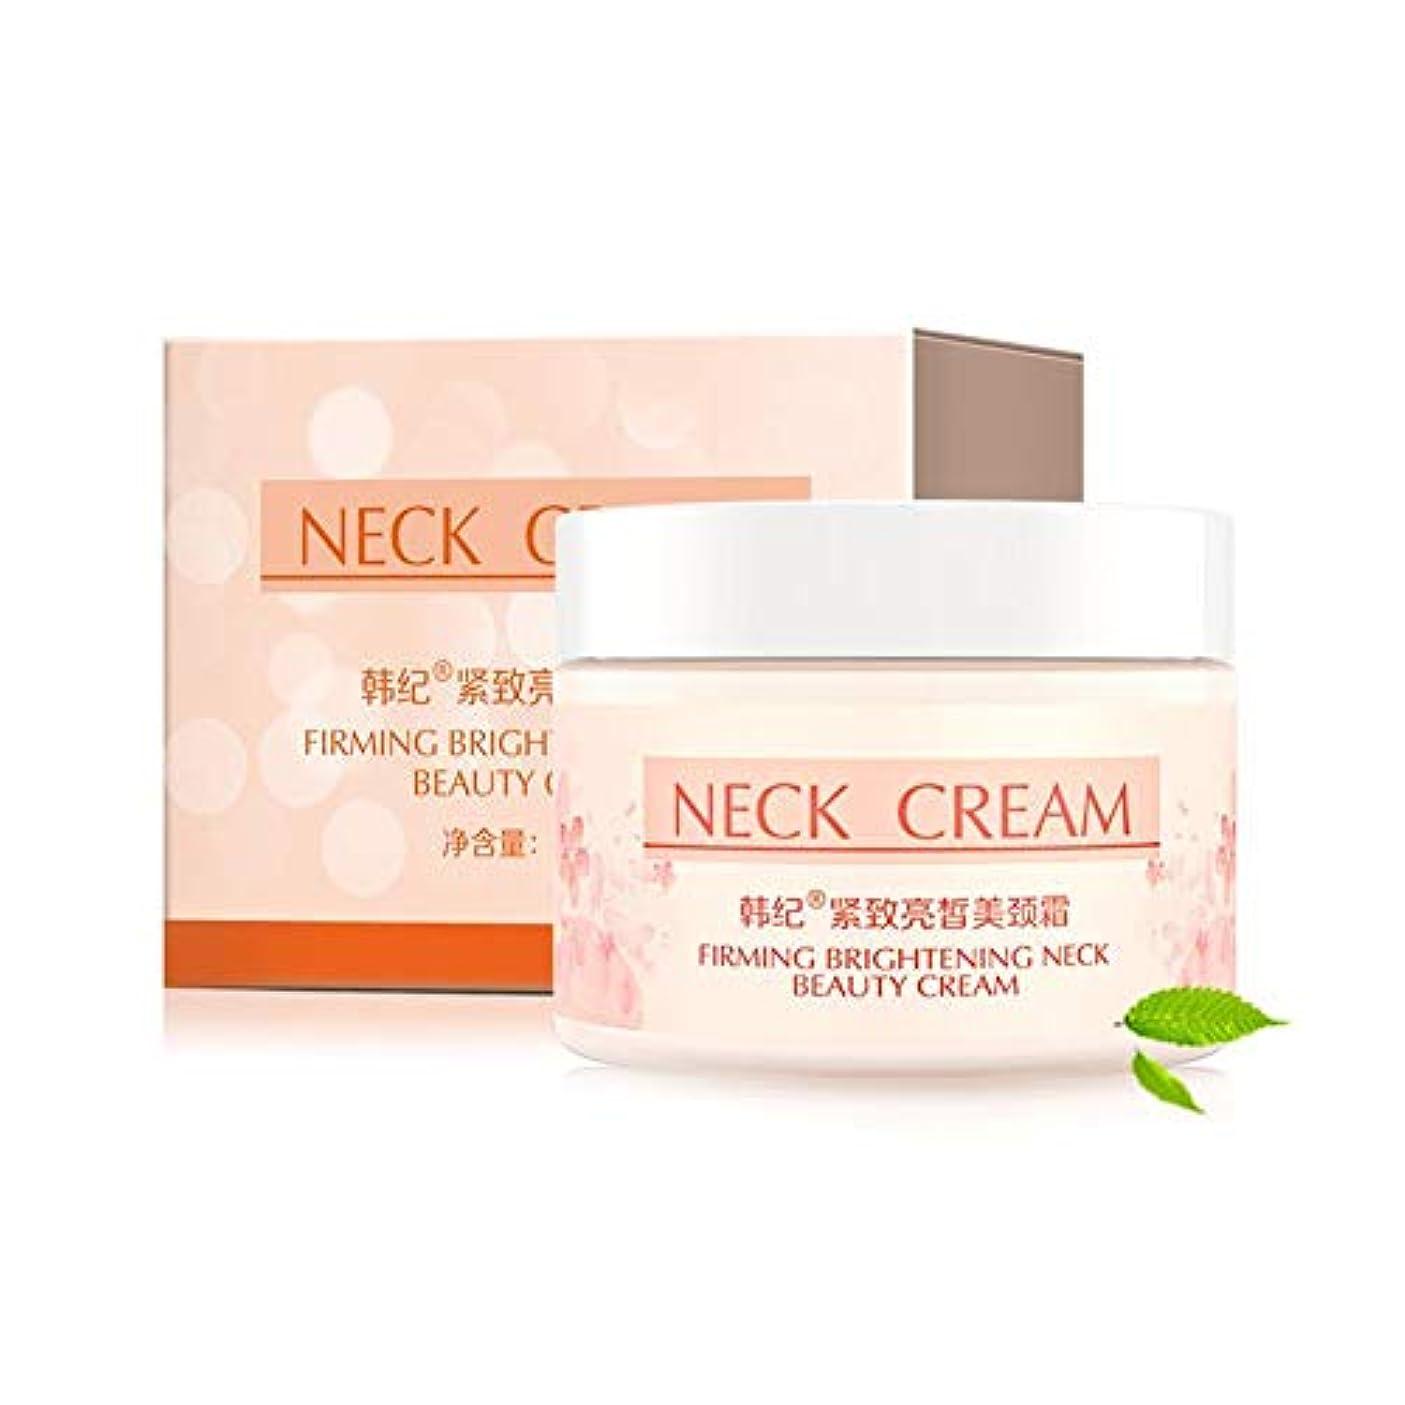 リスクシュリンク異議BETTER YOU (ベター ュー) ネッククリーム、首のホワイトニング、肌の引き締め、ネックラインの減少、肌の栄養補給